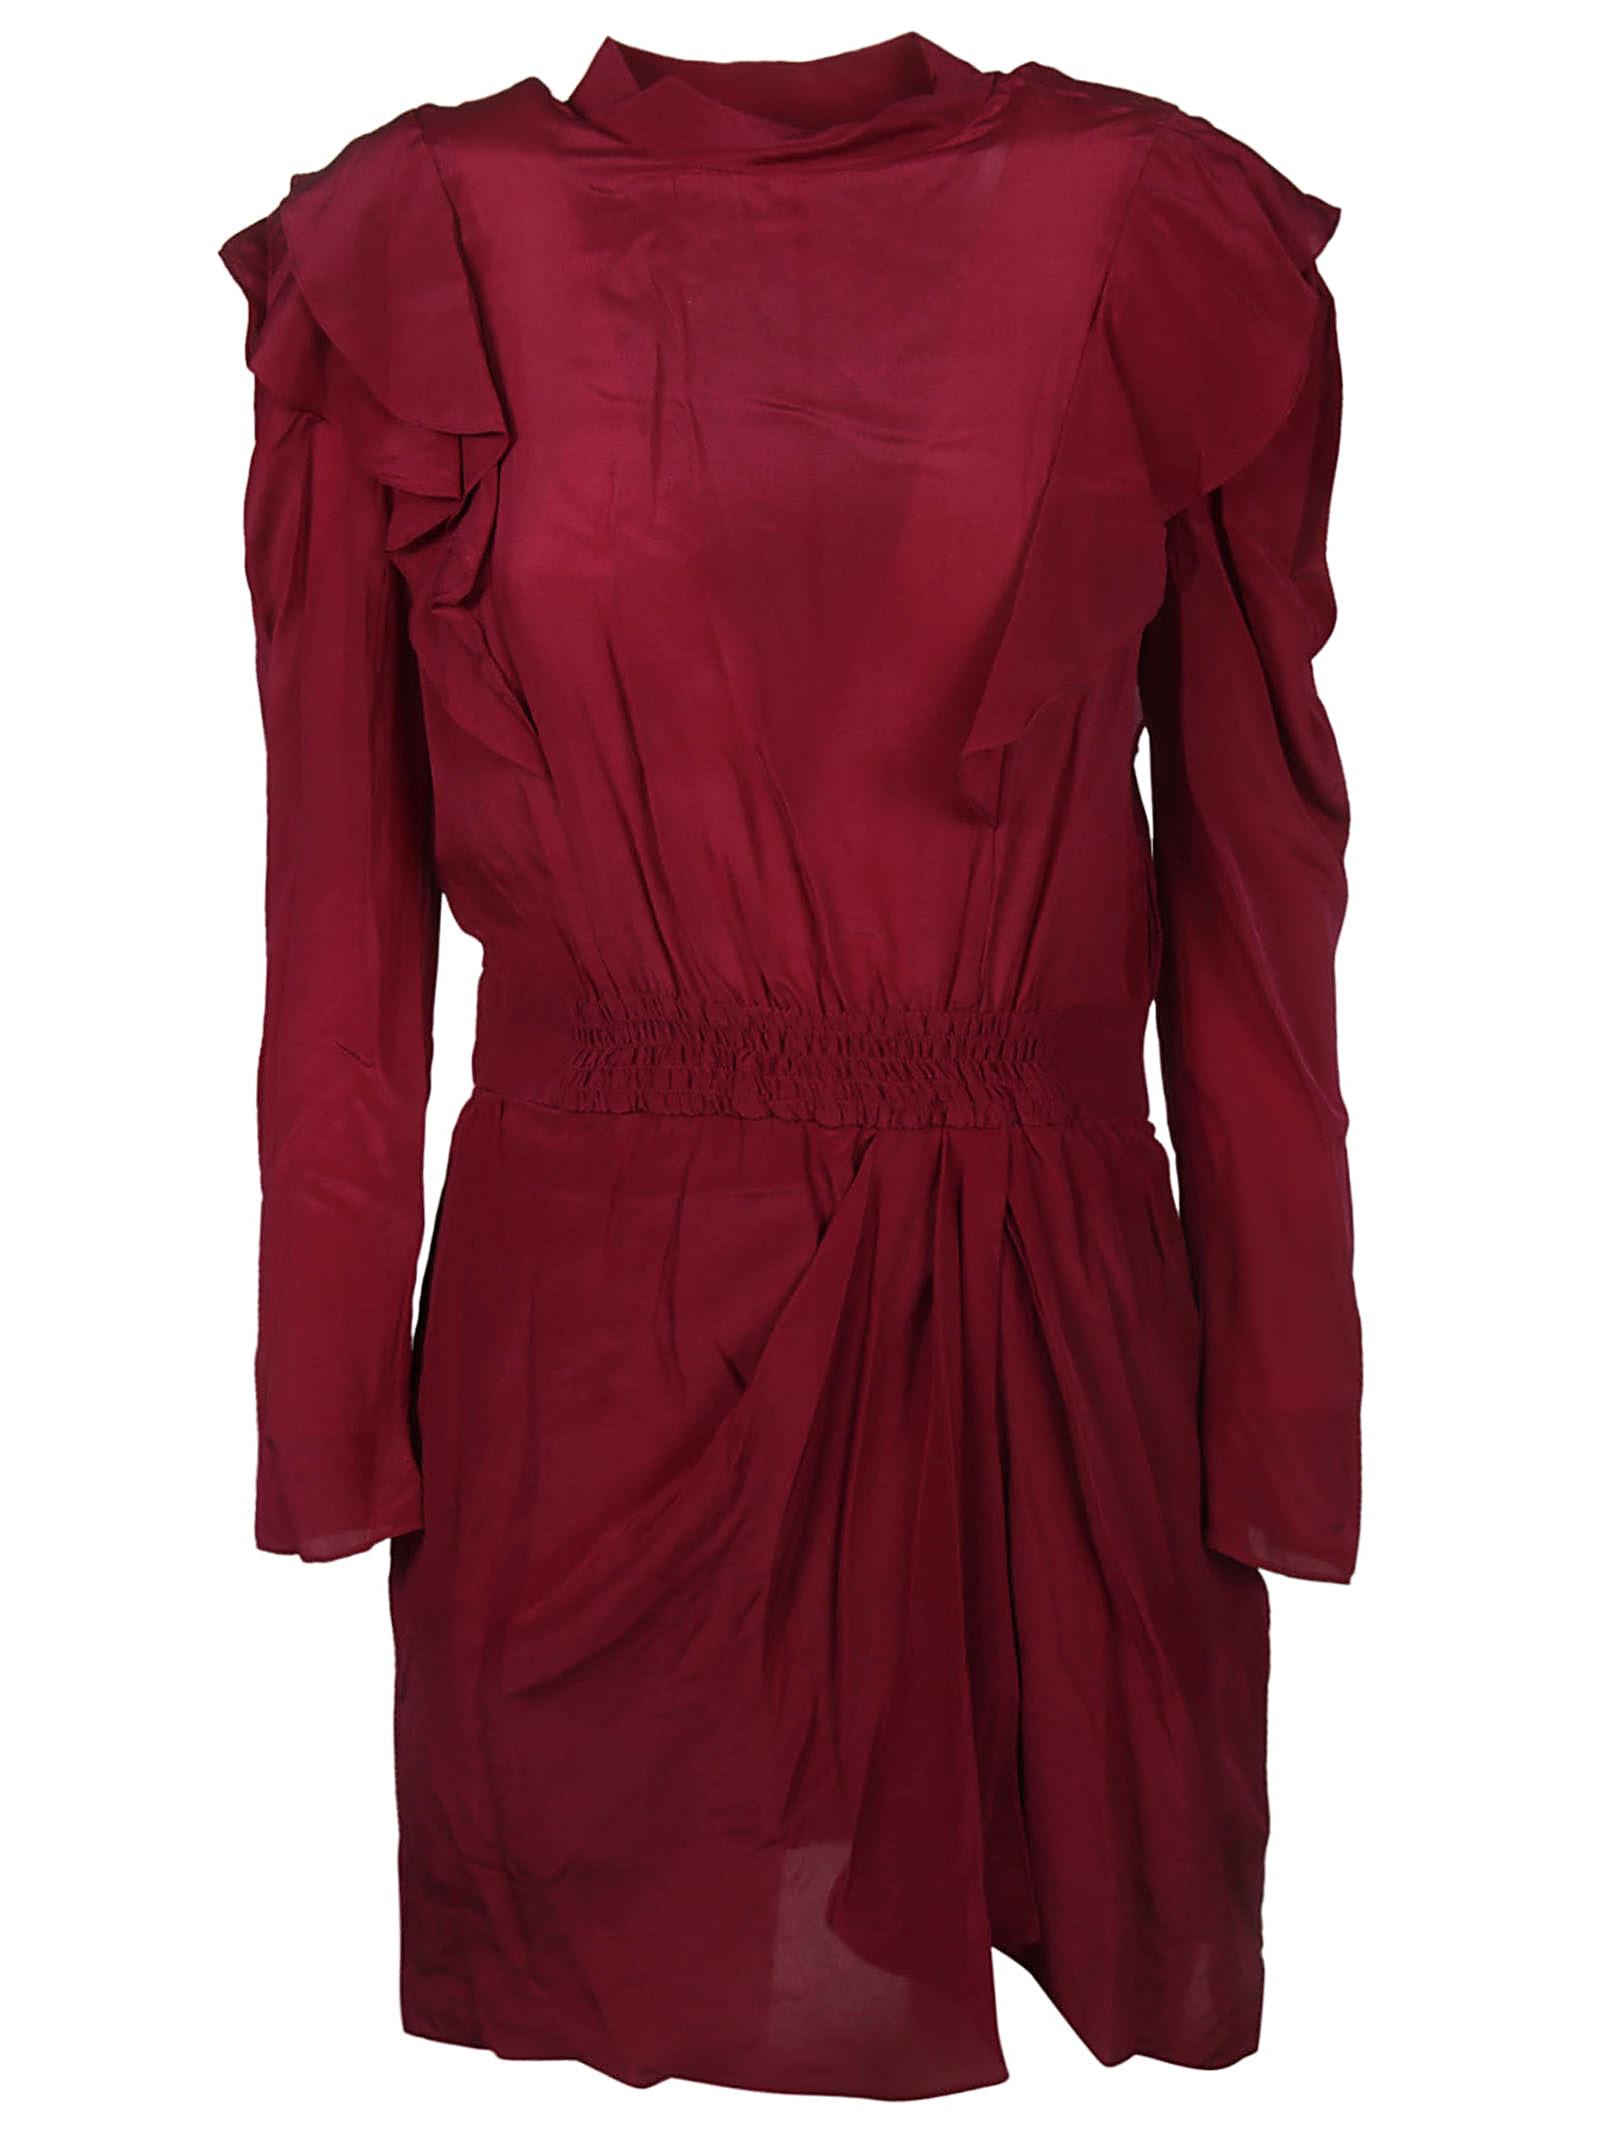 Buy Isabel Marant Yoana Dress online, shop Isabel Marant with free shipping